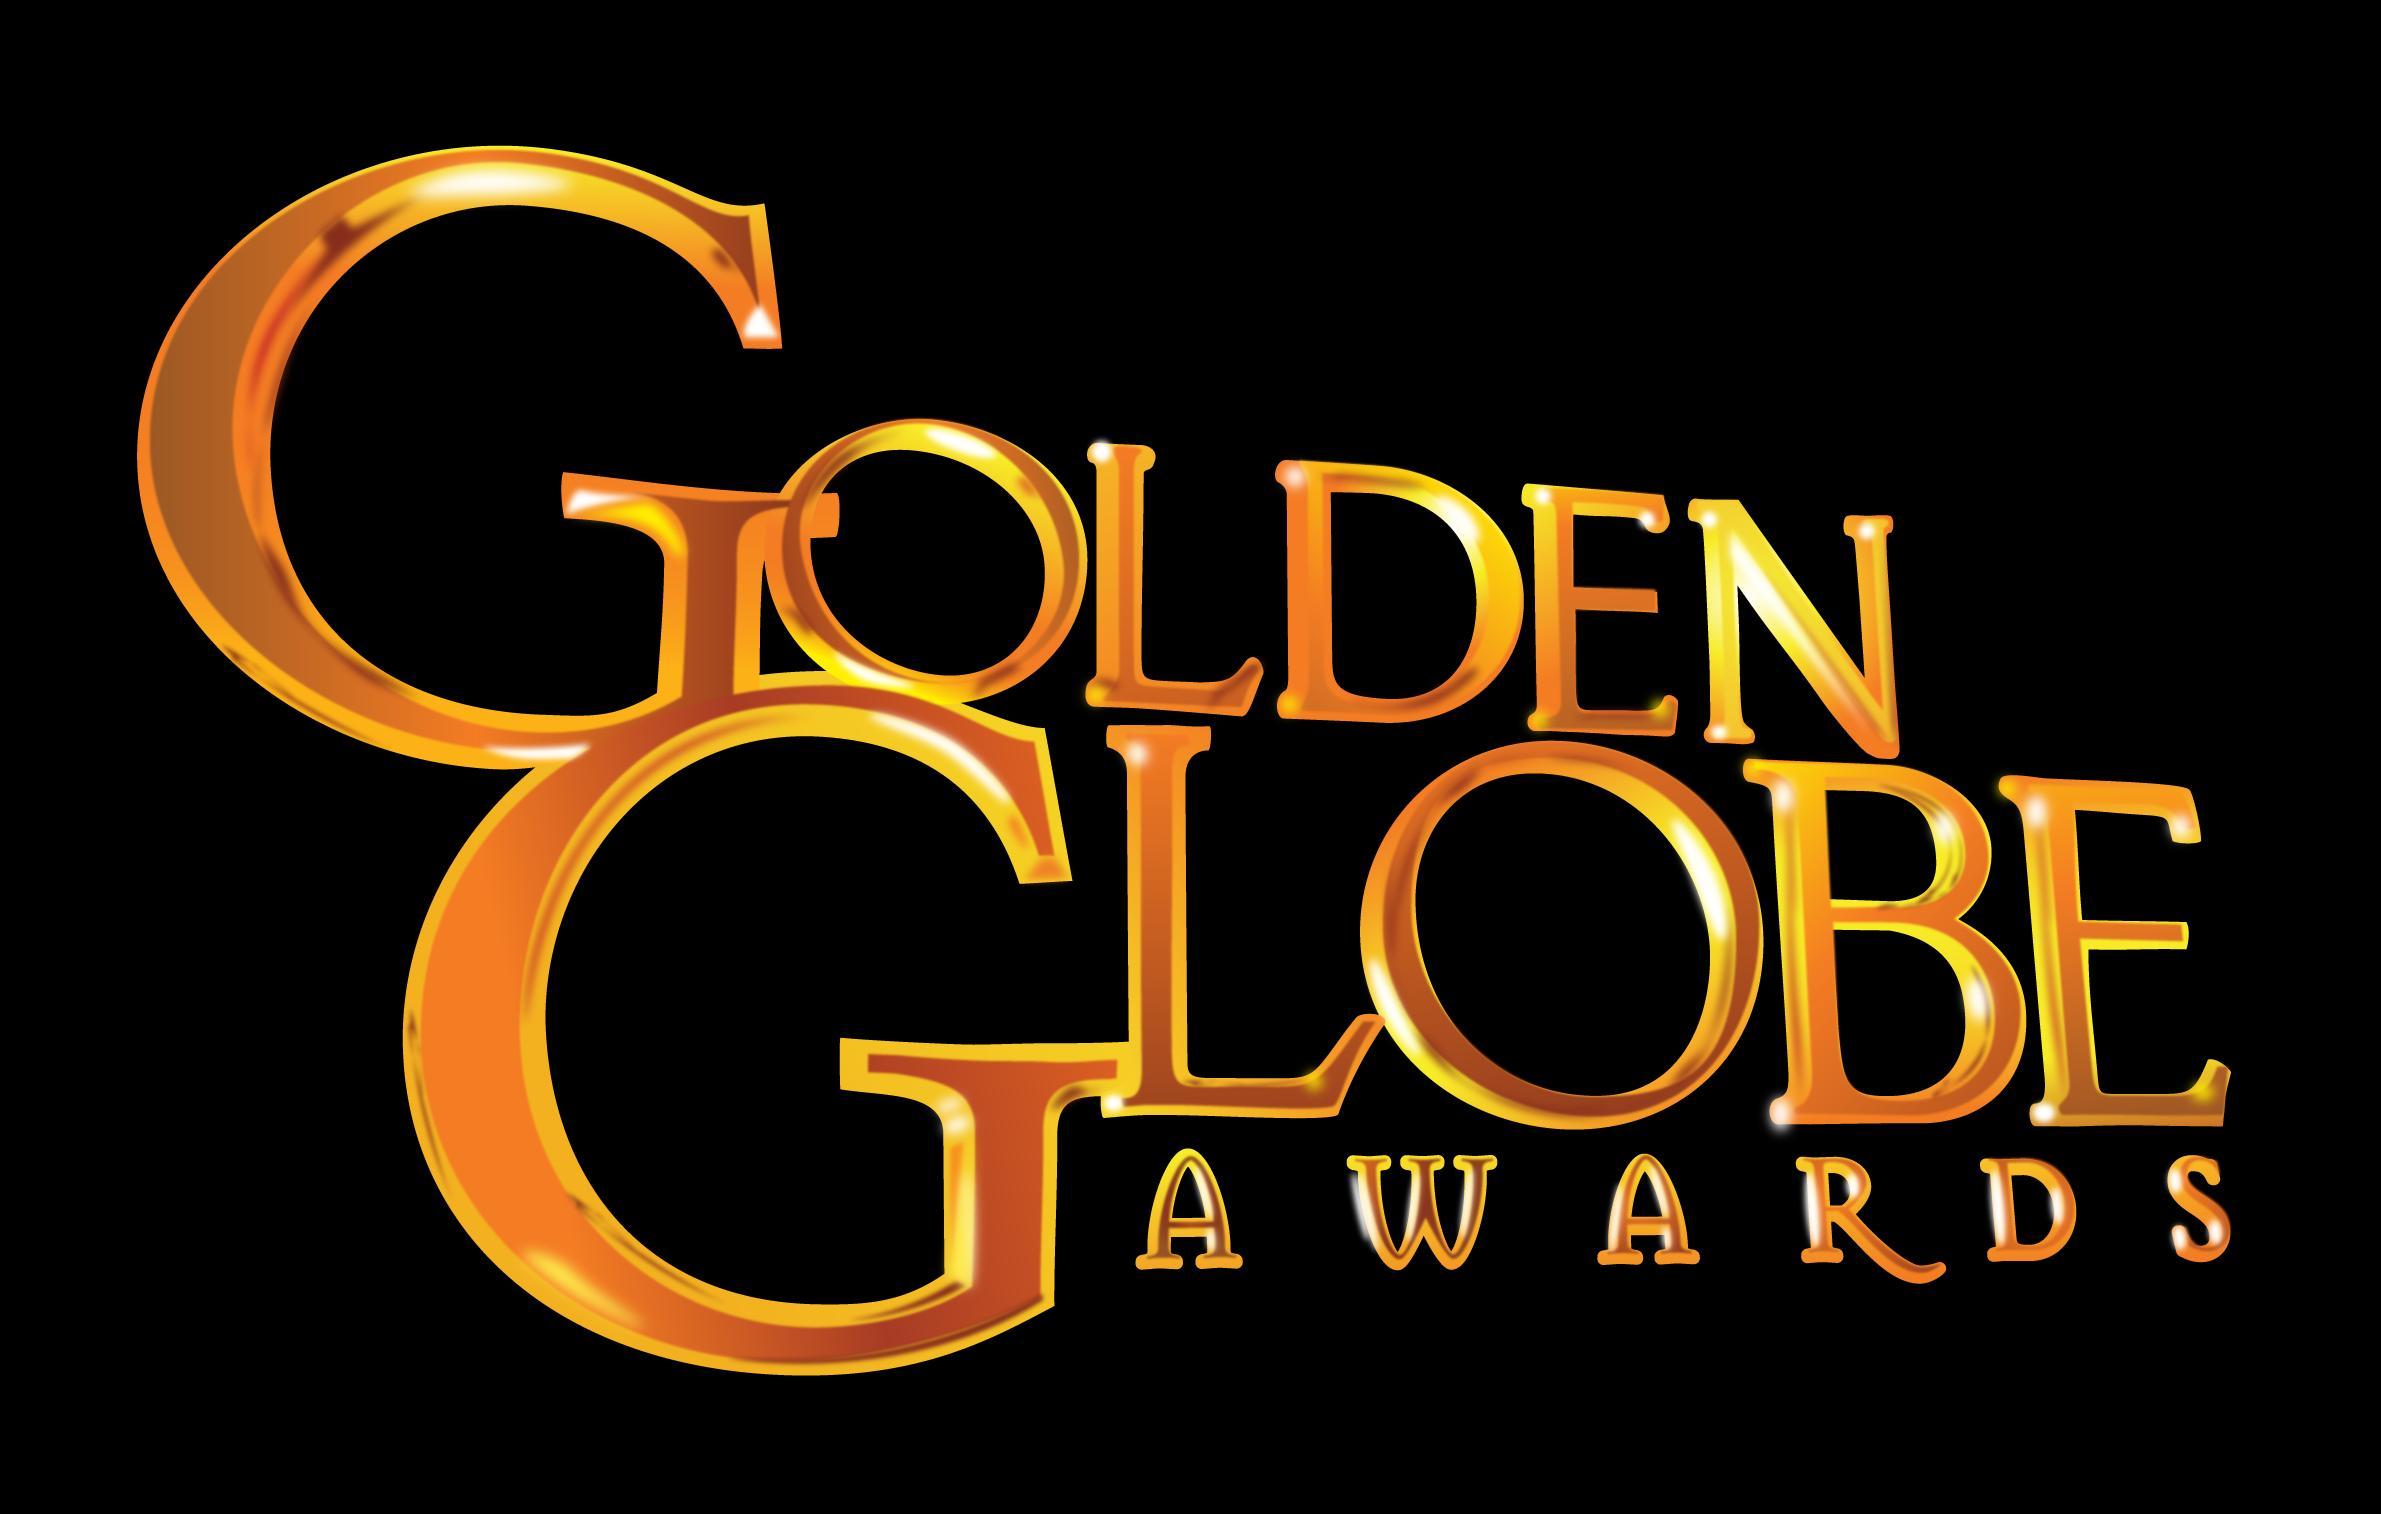 Lista completa de nominados a los Premios Golden Globe 2016